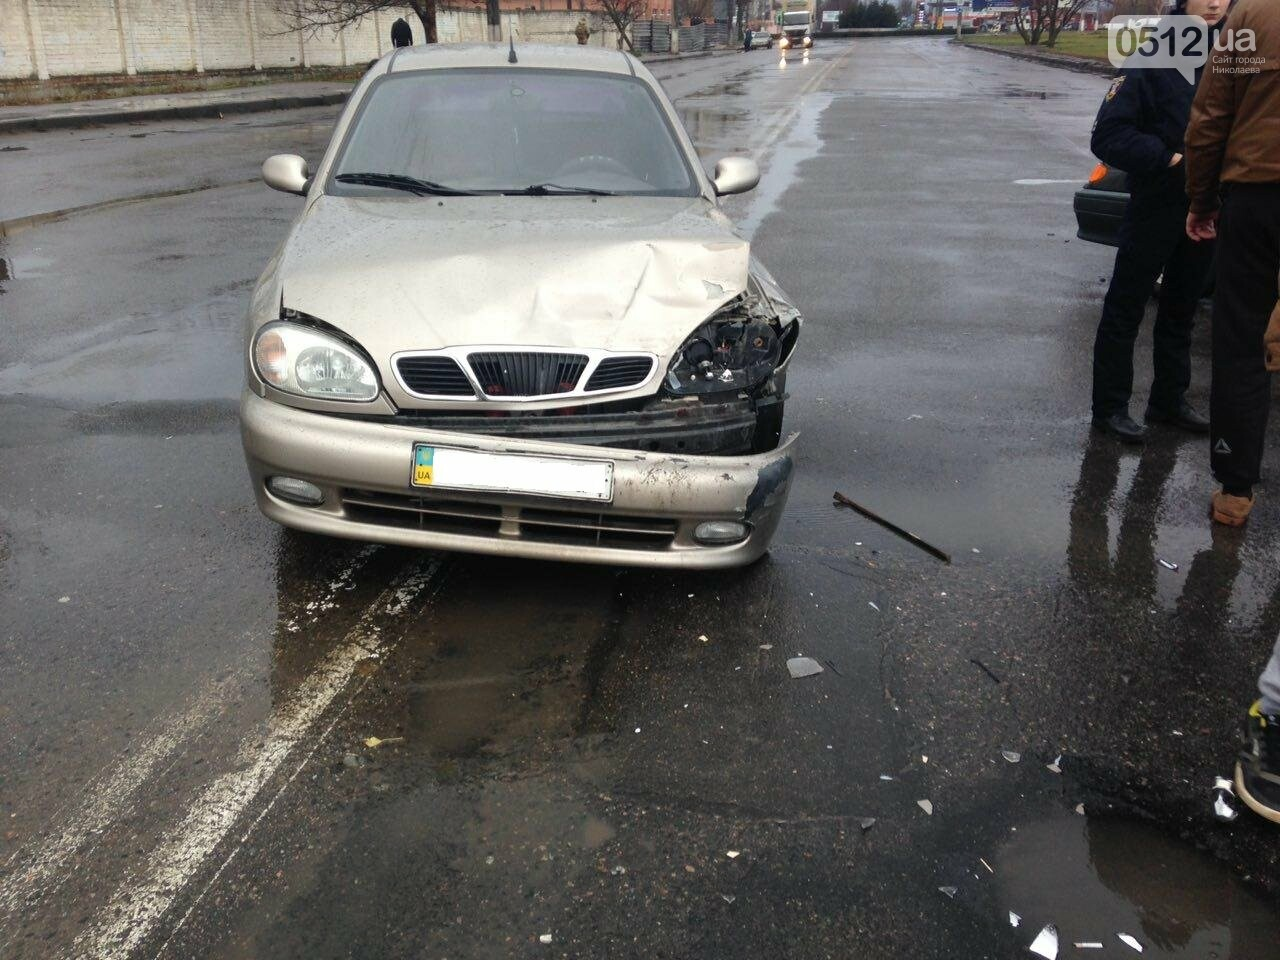 В Николаеве нетрезвый водитель ВАЗа подрезал Daewoo и спровоцировал ДТП, - ФОТО, фото-4